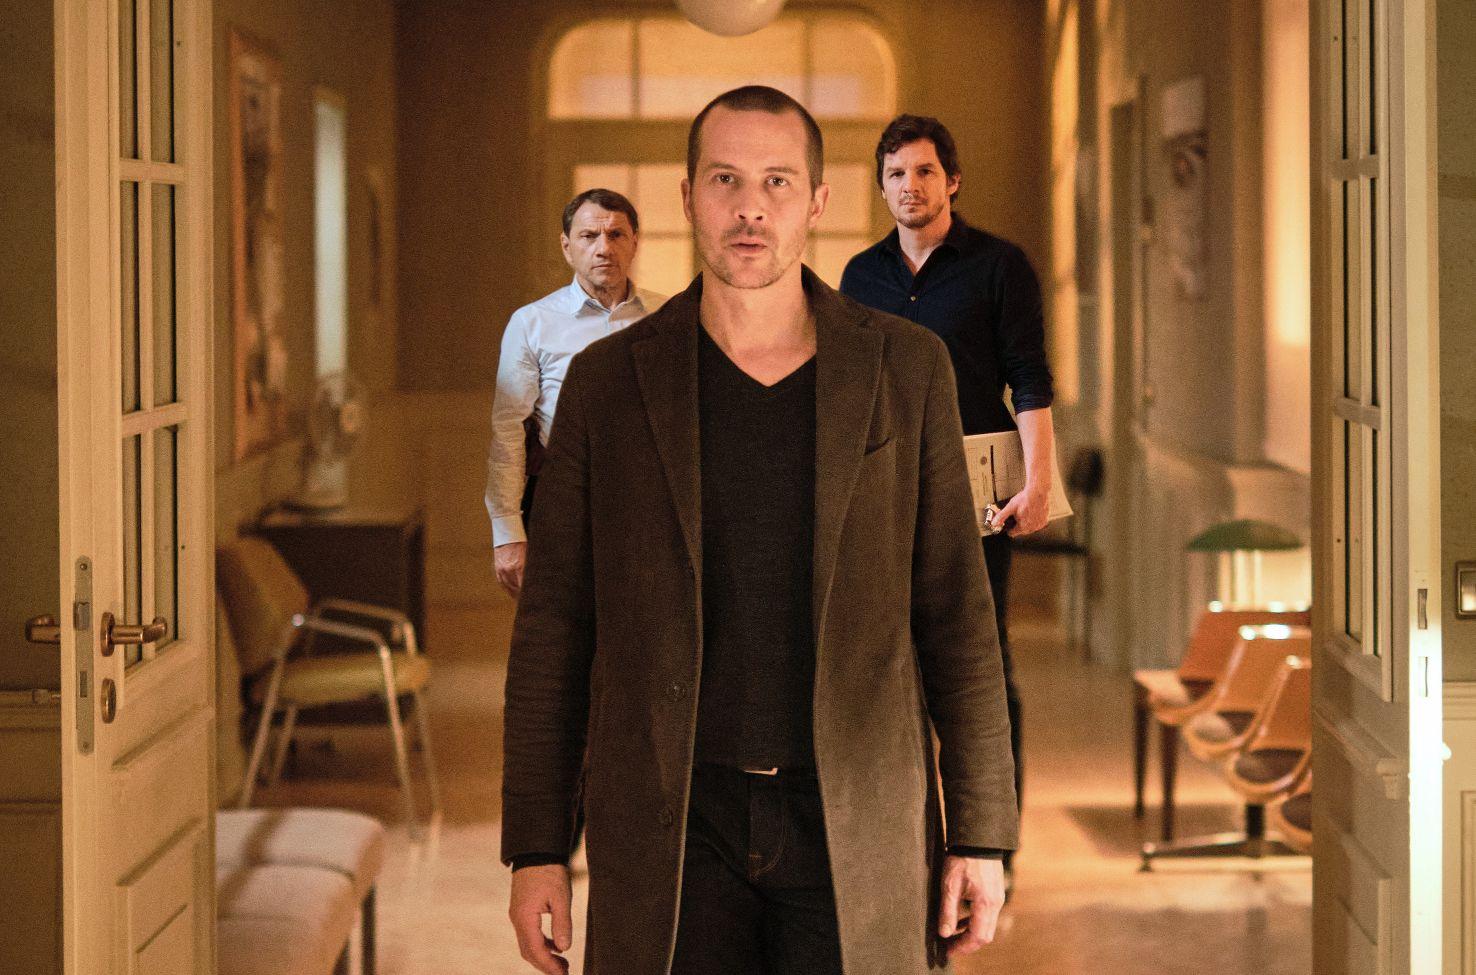 Barnaby Metschurat als Oliver Manlik, der sein früheres Leben zurückbekommen will und versucht, die Kommissare Lannert (Richy Müller) und Bootz (Felix Klare) dafür zu instrumentalisieren.